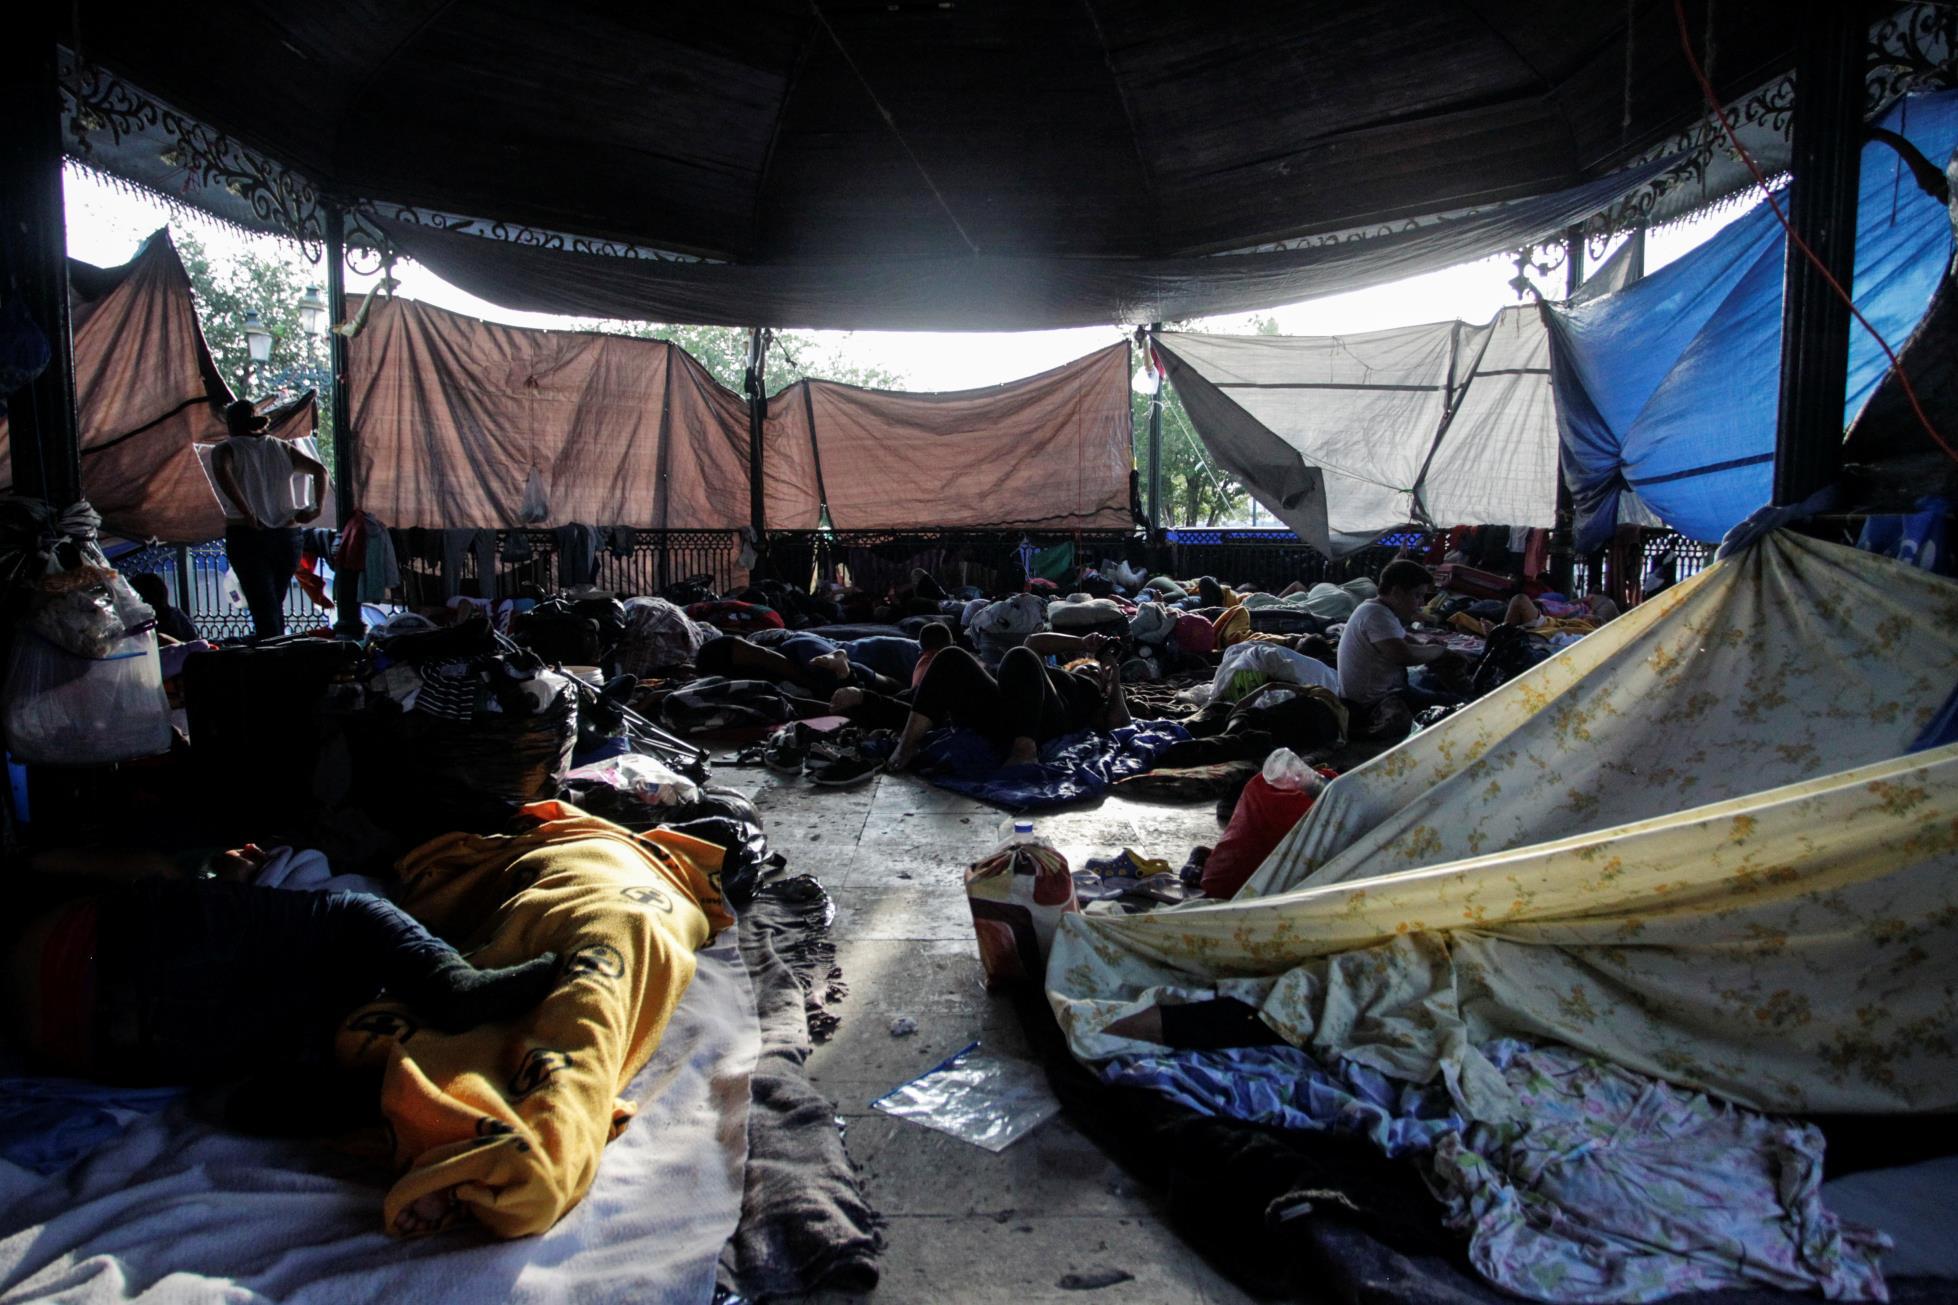 在墨西哥边境的一个营地,寻求庇护者等待拜登结束特朗普的健康指示